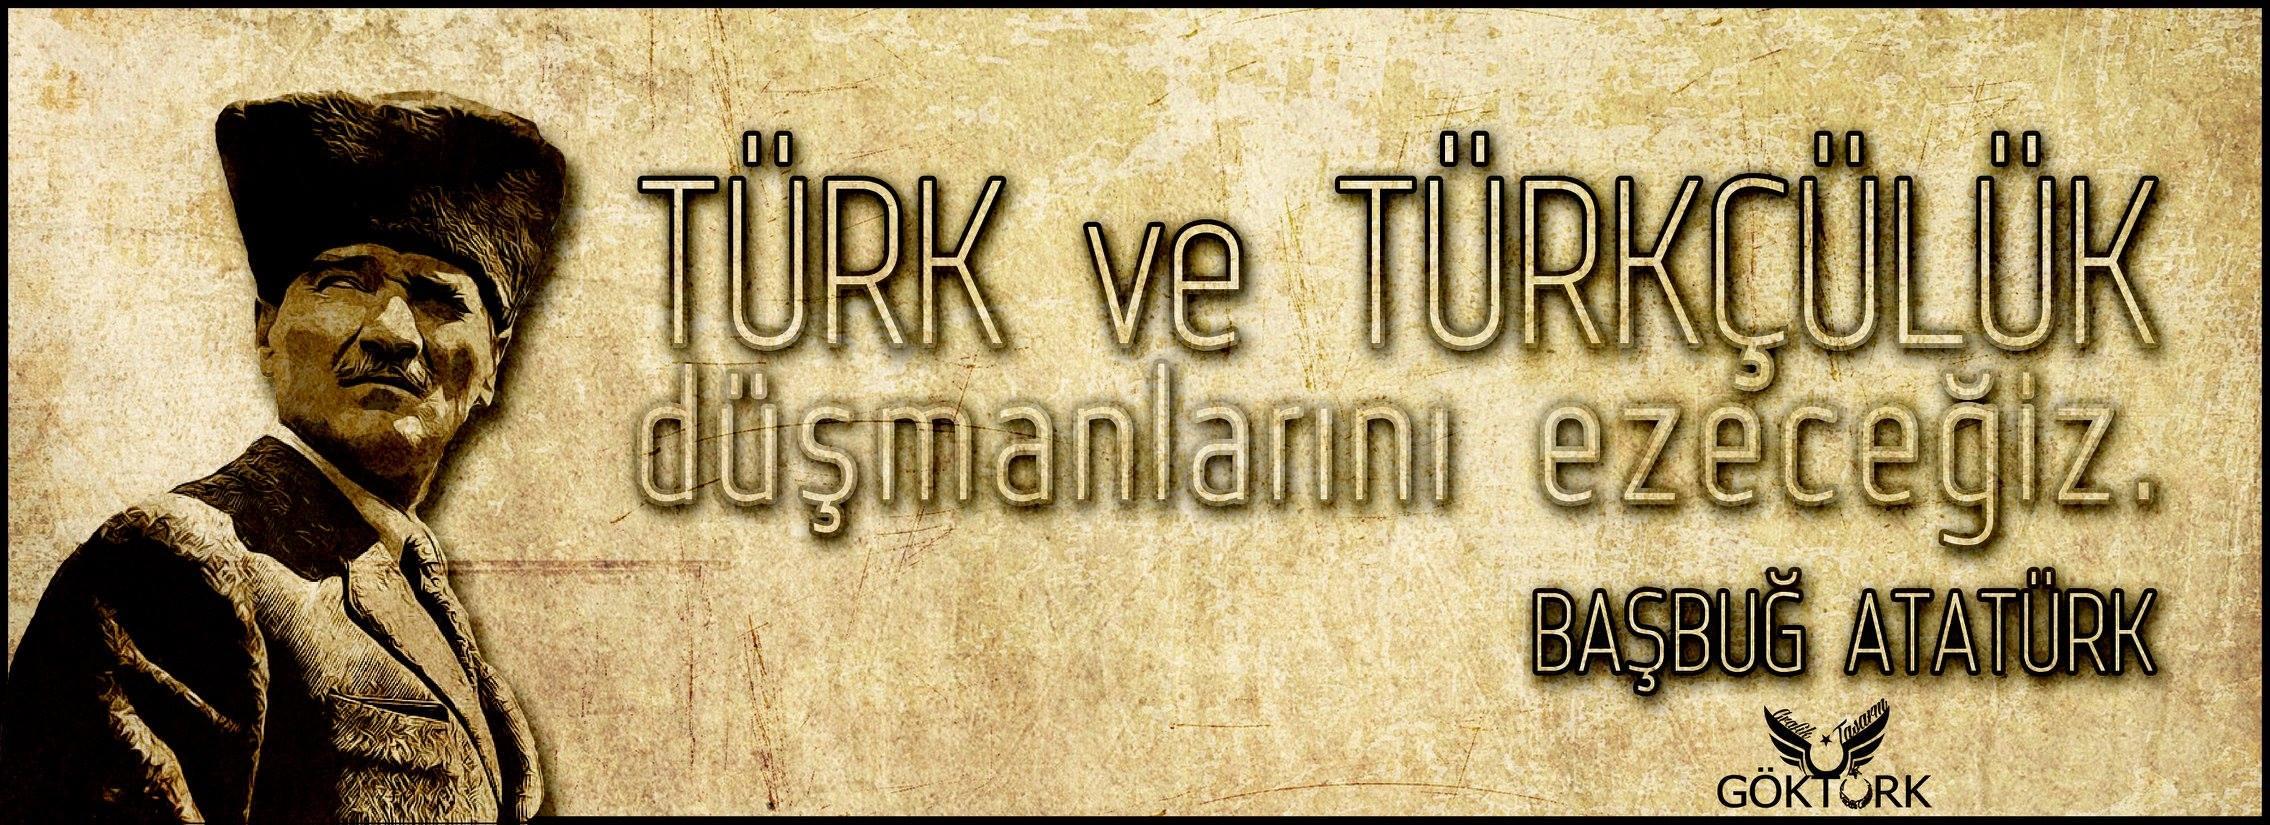 türk ve türkçülük düşmanlarını ezeceğiz -kapak